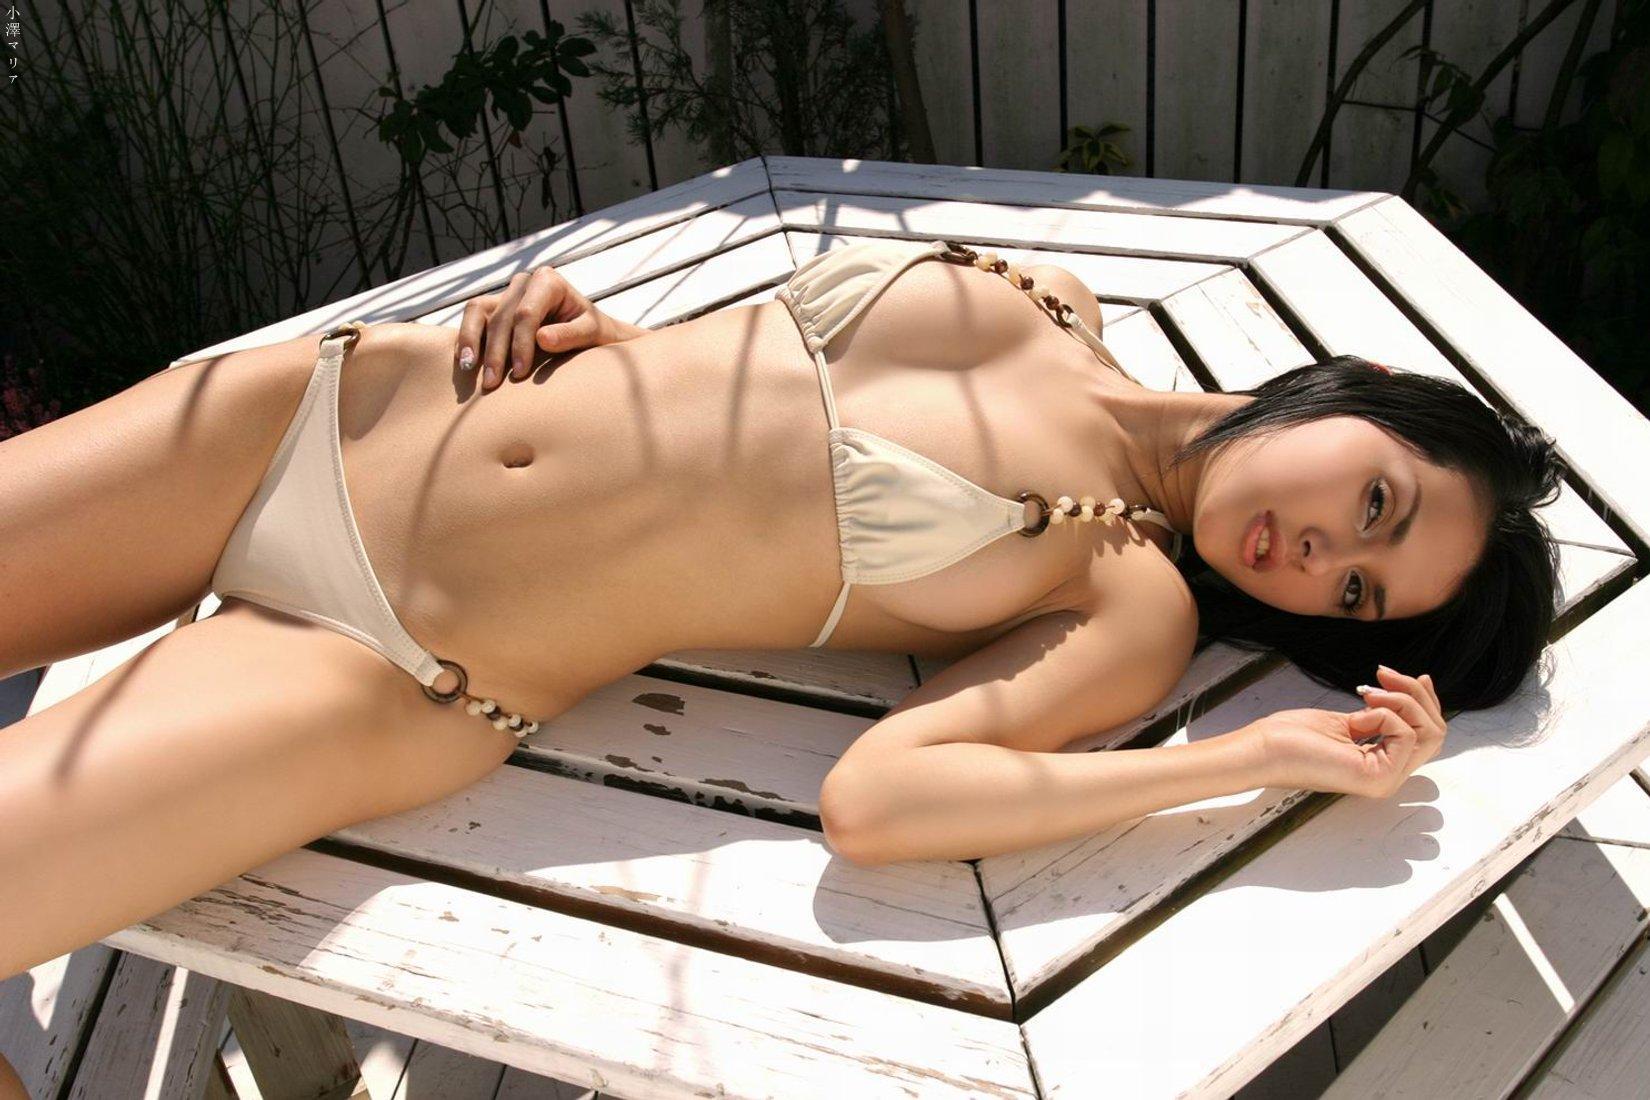 Maria ozawa 2007-5364